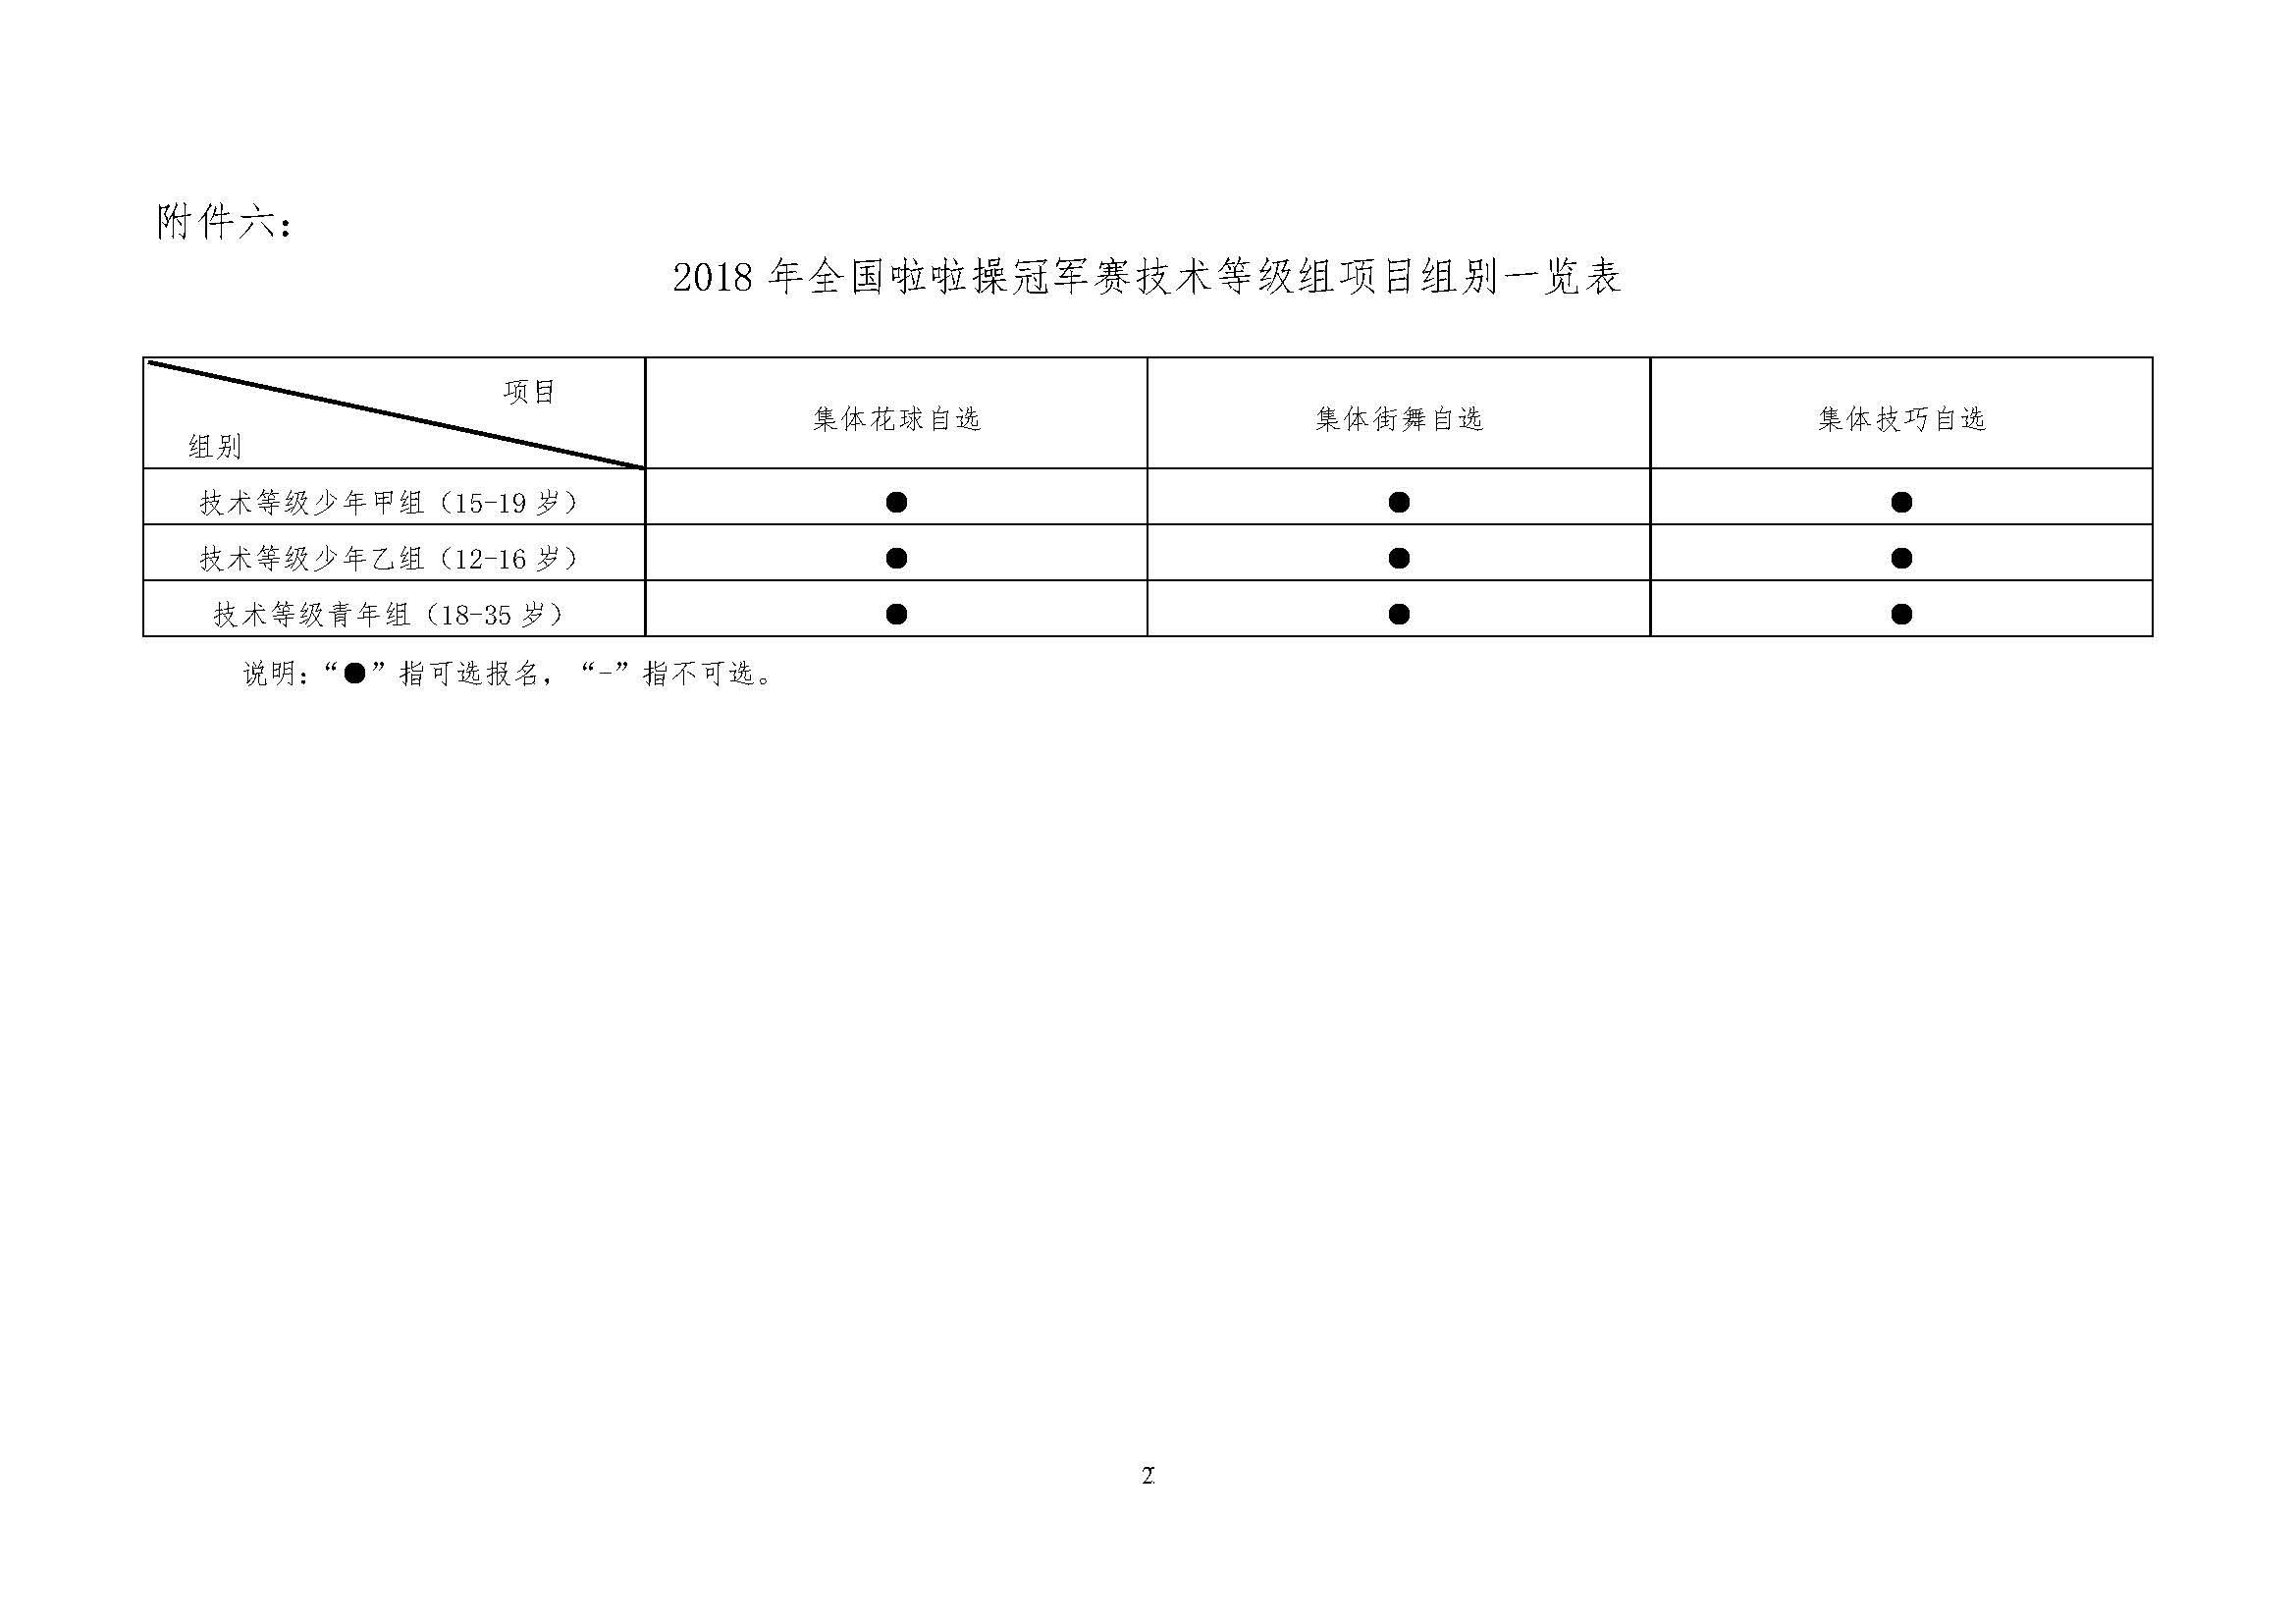 049号-2018年全国啦啦操冠军赛(幼儿组、儿童组和成年组)通知插图(27)